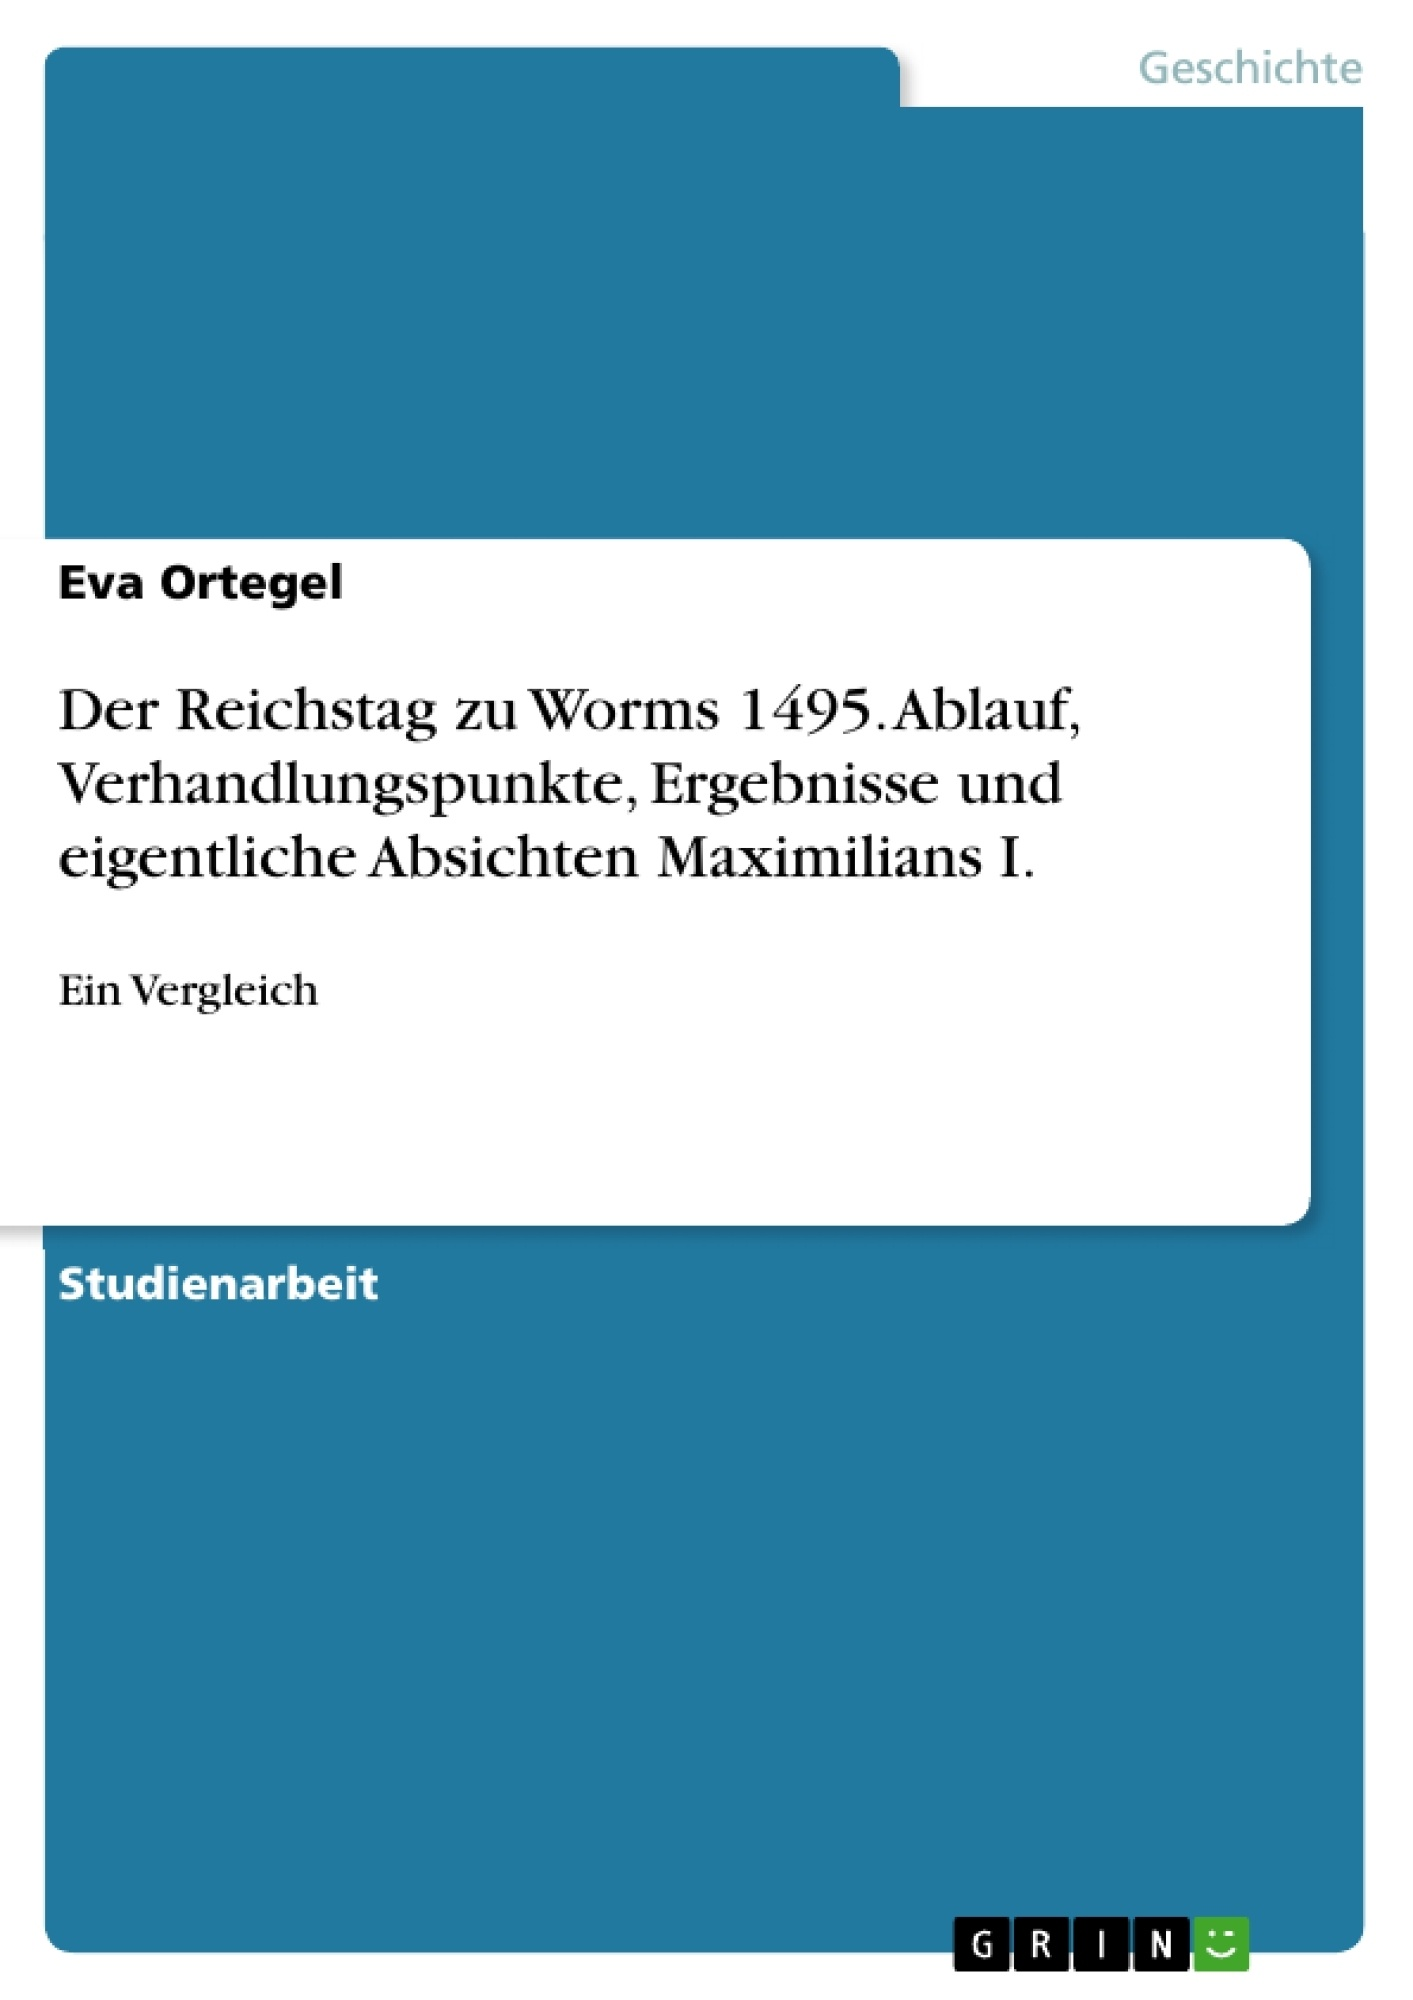 Titel: Der Reichstag zu Worms 1495. Ablauf, Verhandlungspunkte, Ergebnisse und eigentliche Absichten Maximilians I.